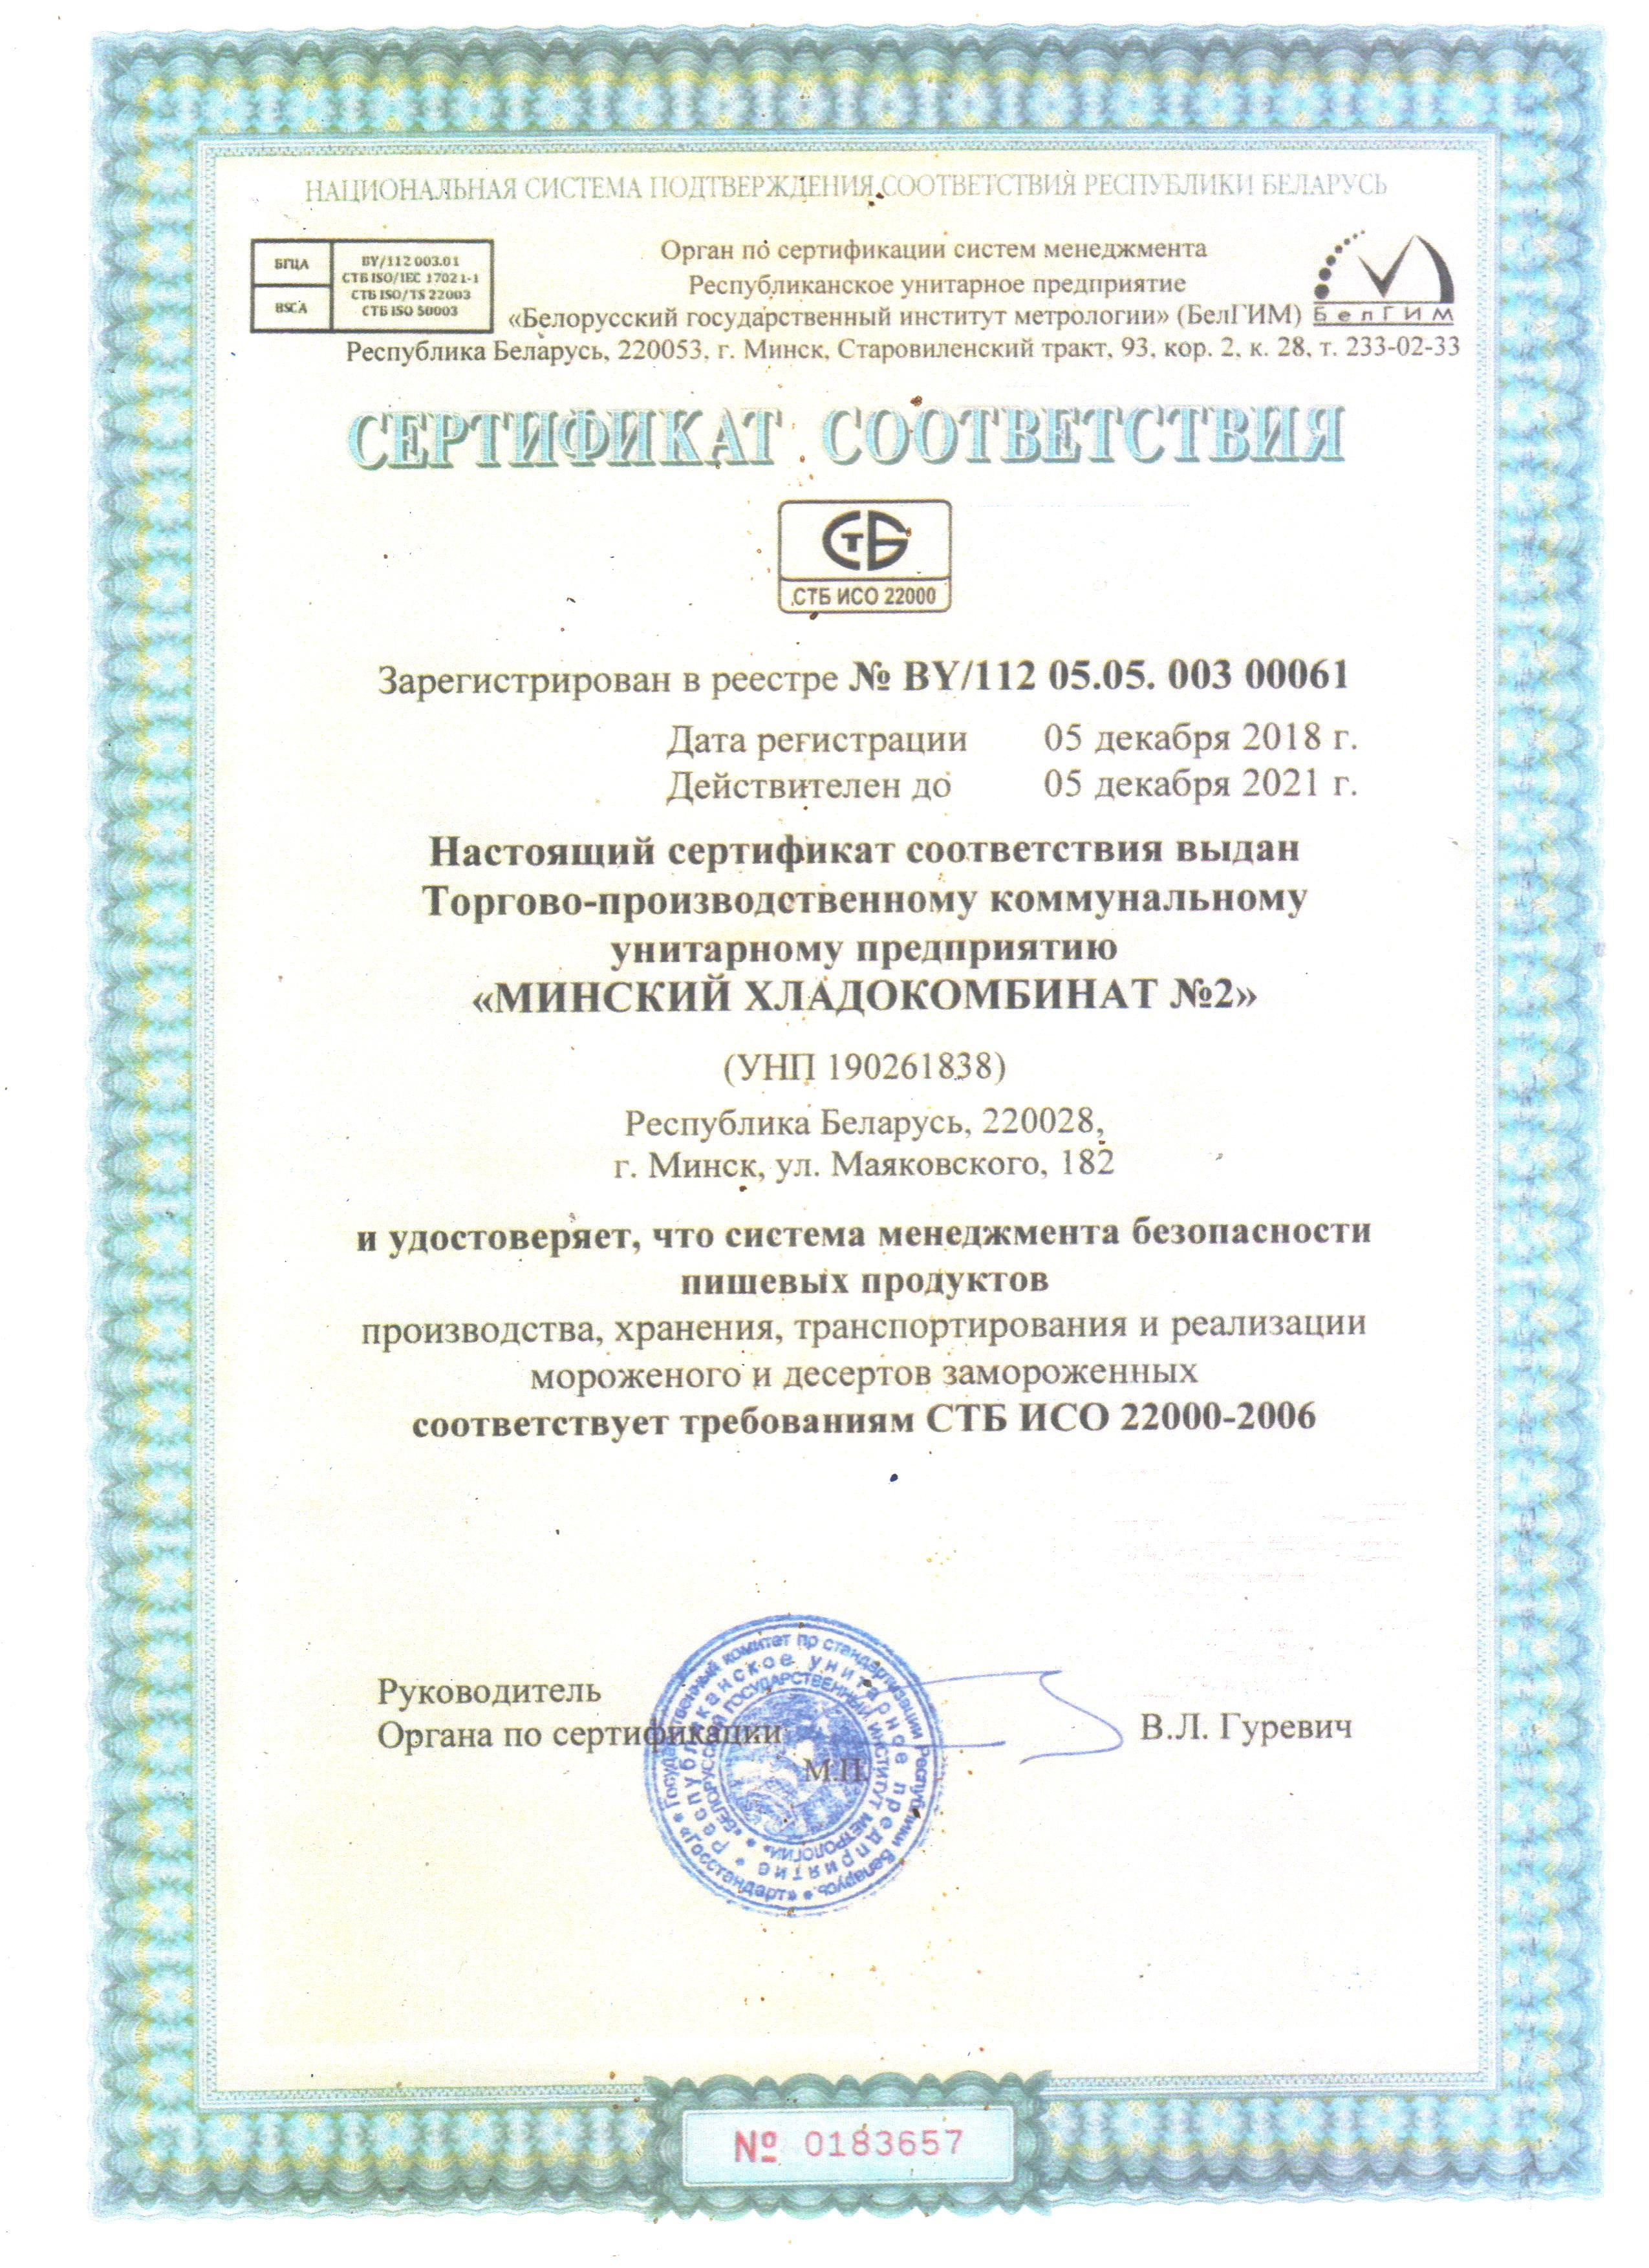 СТБ ИСО 22000